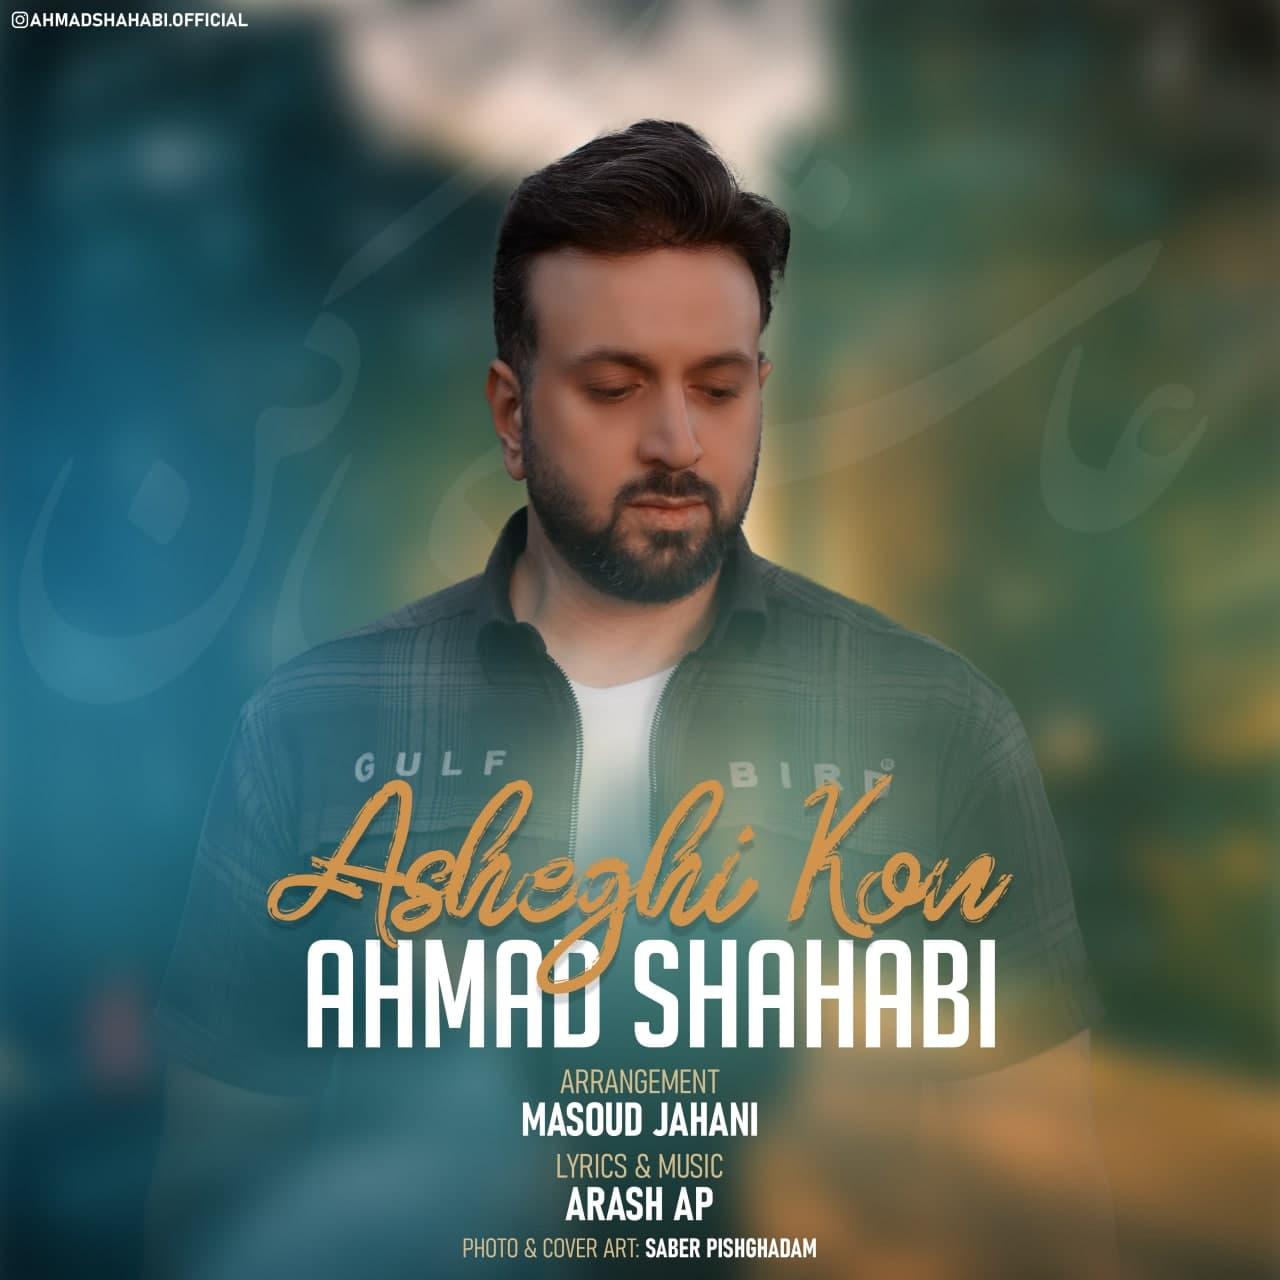 دانلود آهنگ احمد شهابی به نام عاشقی کن از موزیک باز